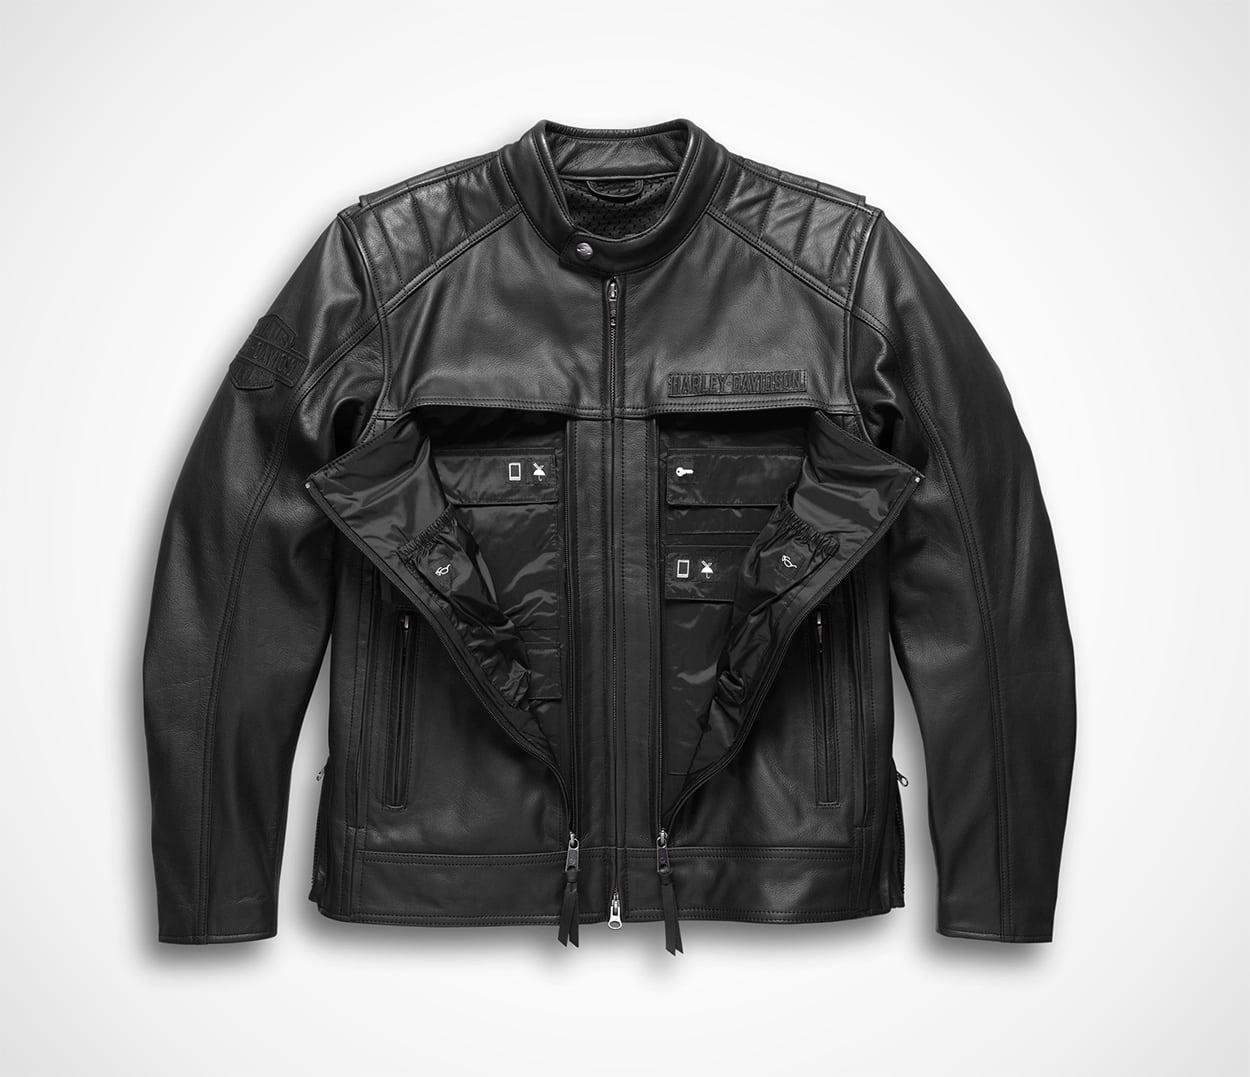 Harley-Davidson Men's Synthesis Pocket System Reflective Black Leather Jacket